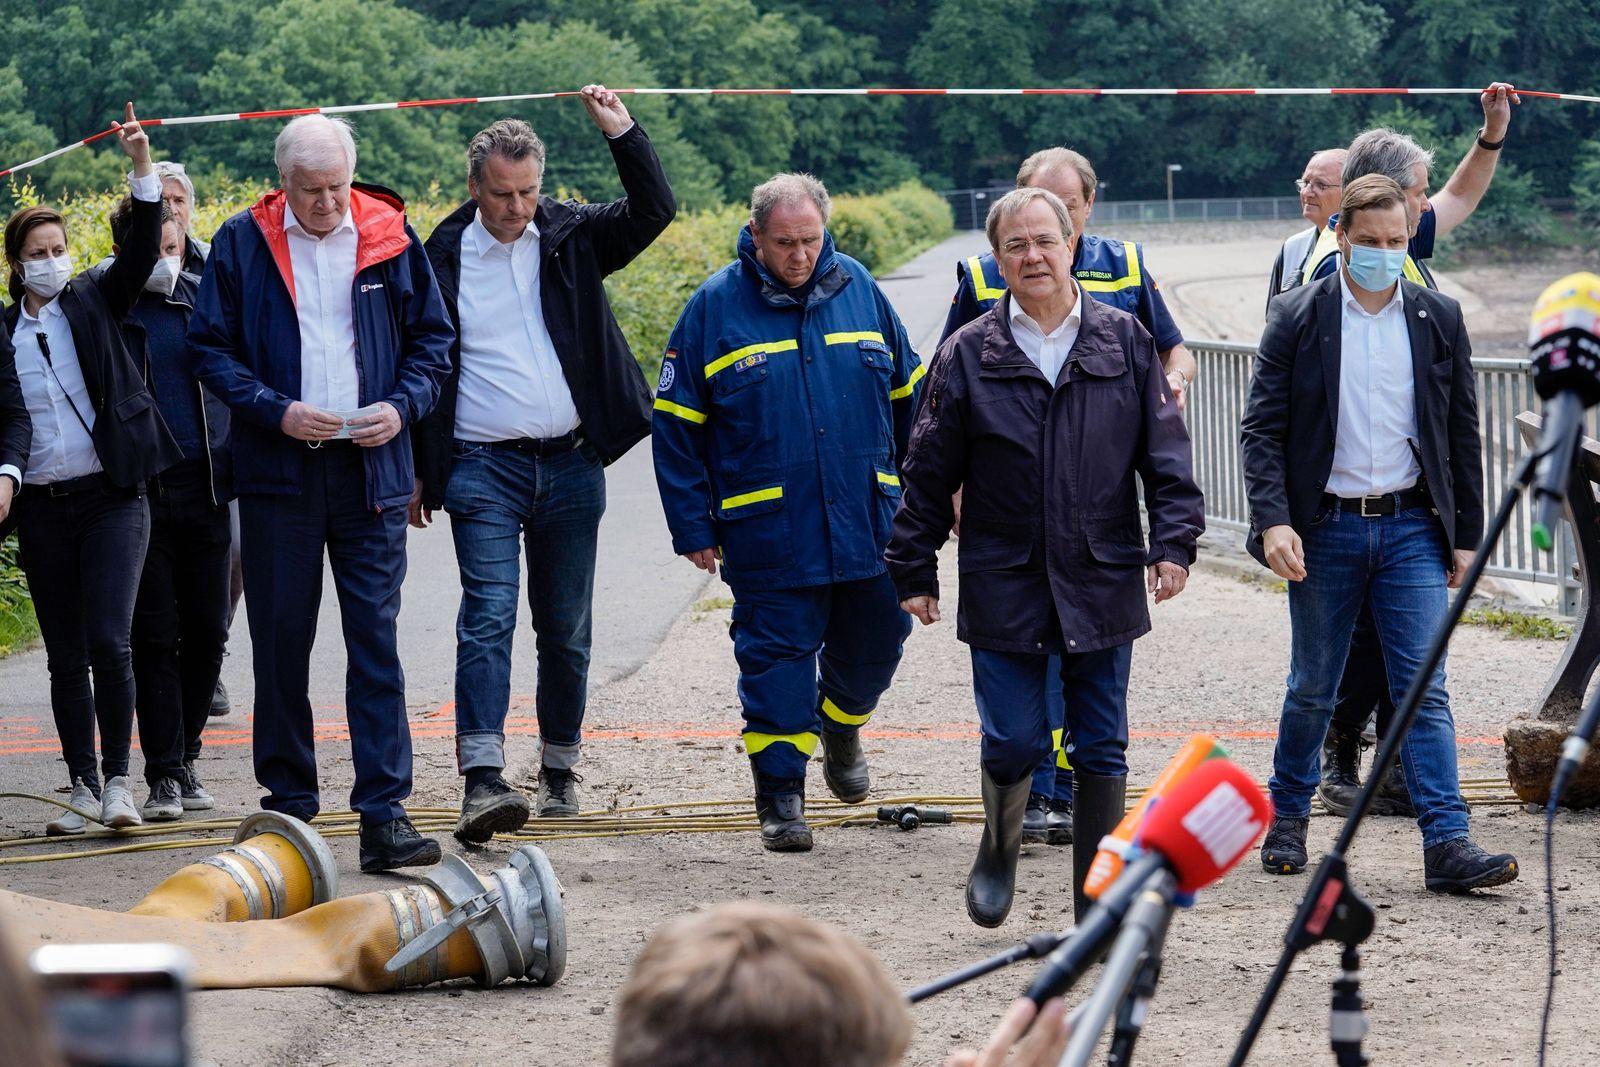 Bundesinnenminister besucht mit Ministerpraesident NRW THW Kraefte an der Steinbachtalsperre Aktuell, 19.07.2021, Euski